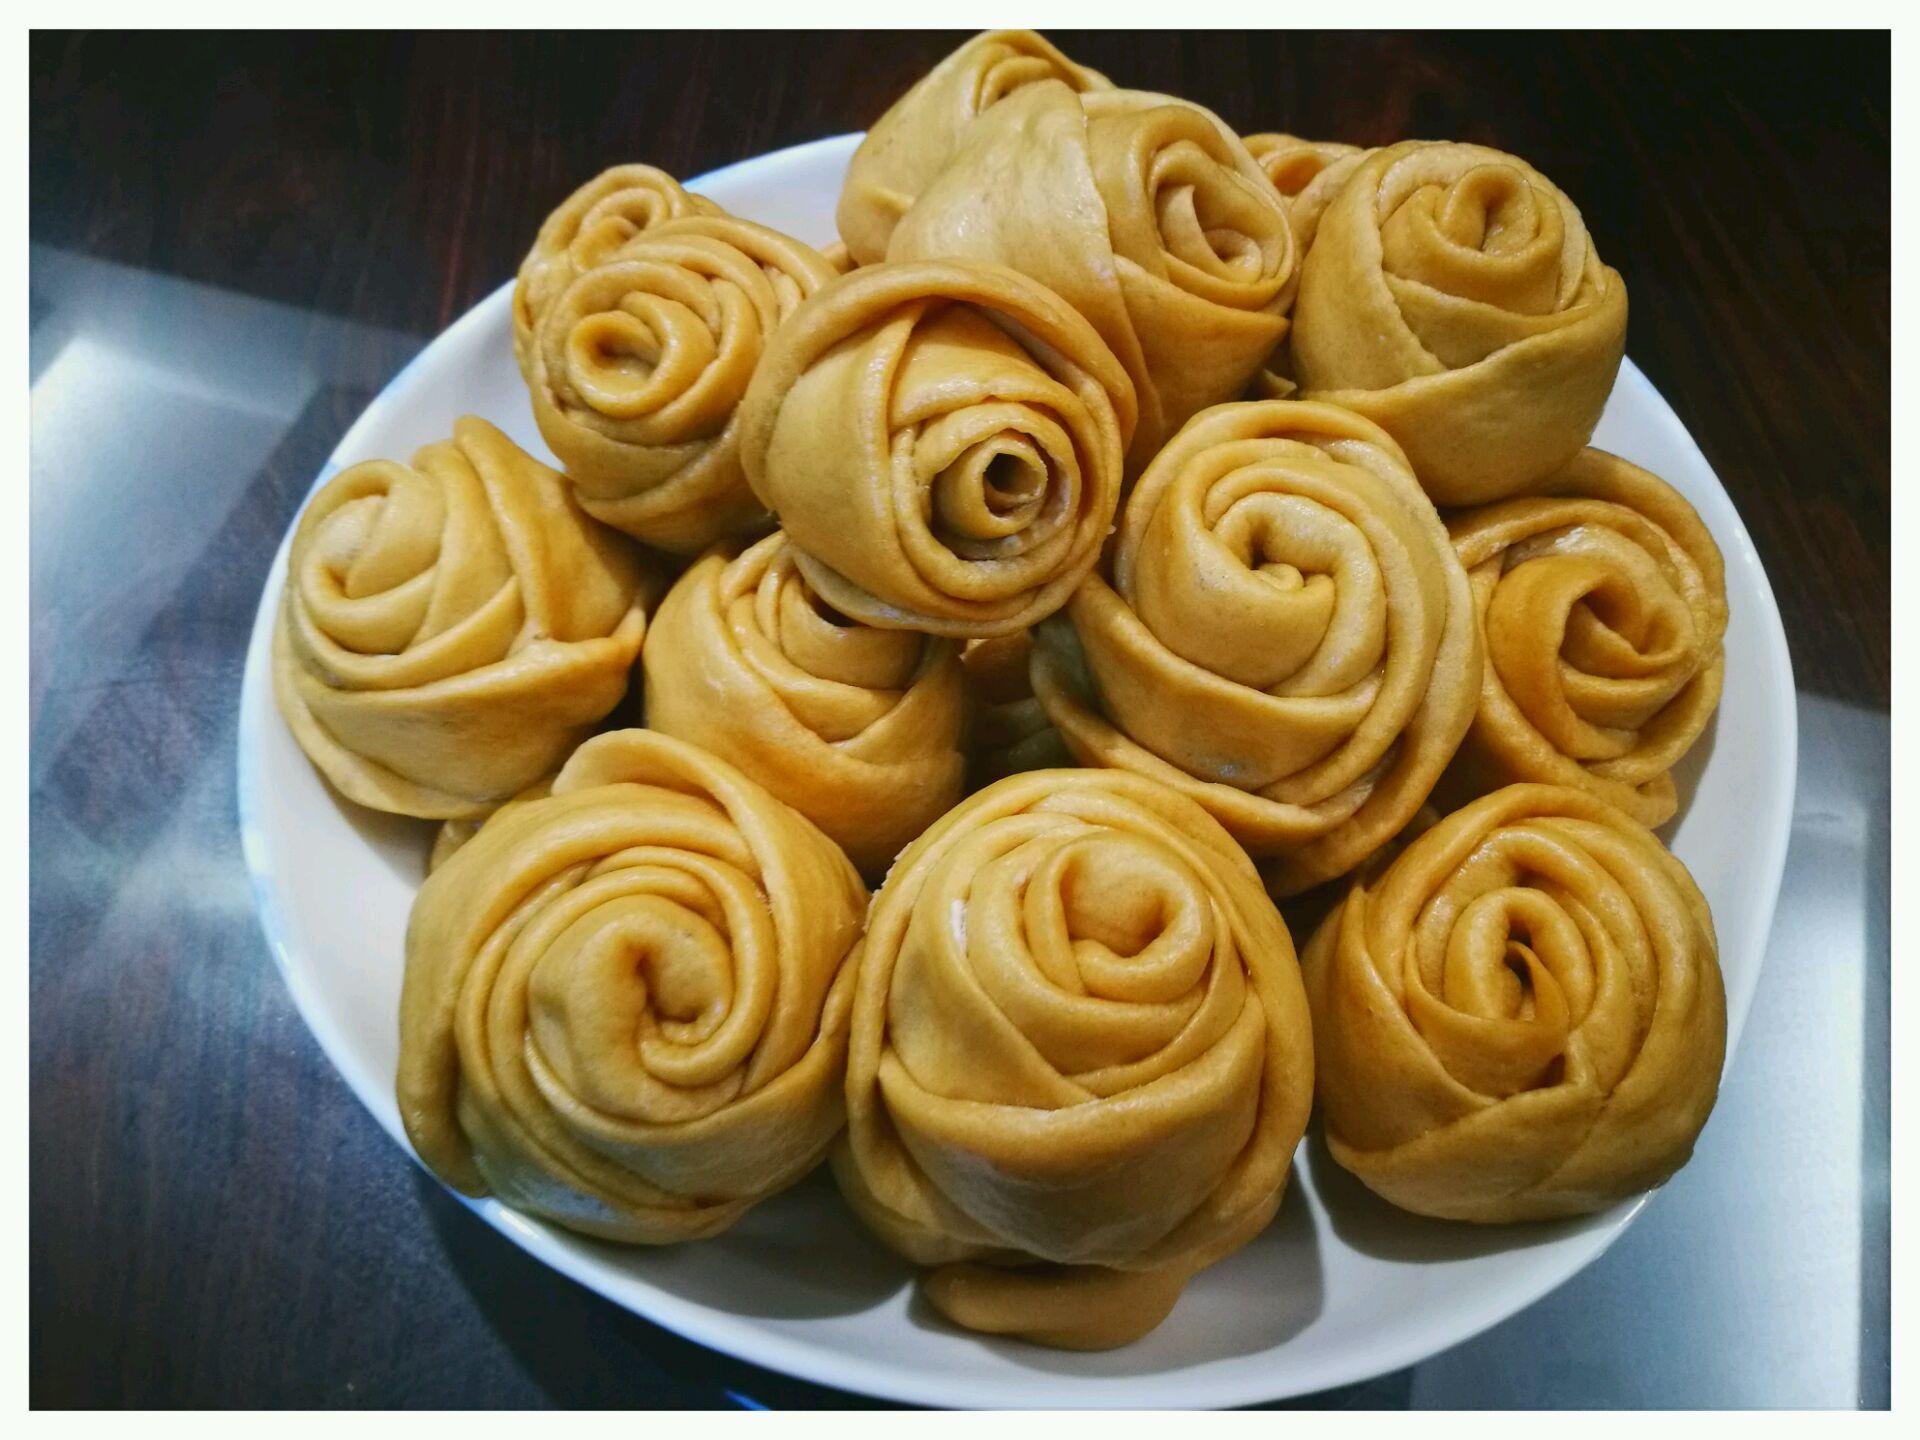 玫瑰红糖馒头的做法_【图解】玫瑰红糖馒头怎么做